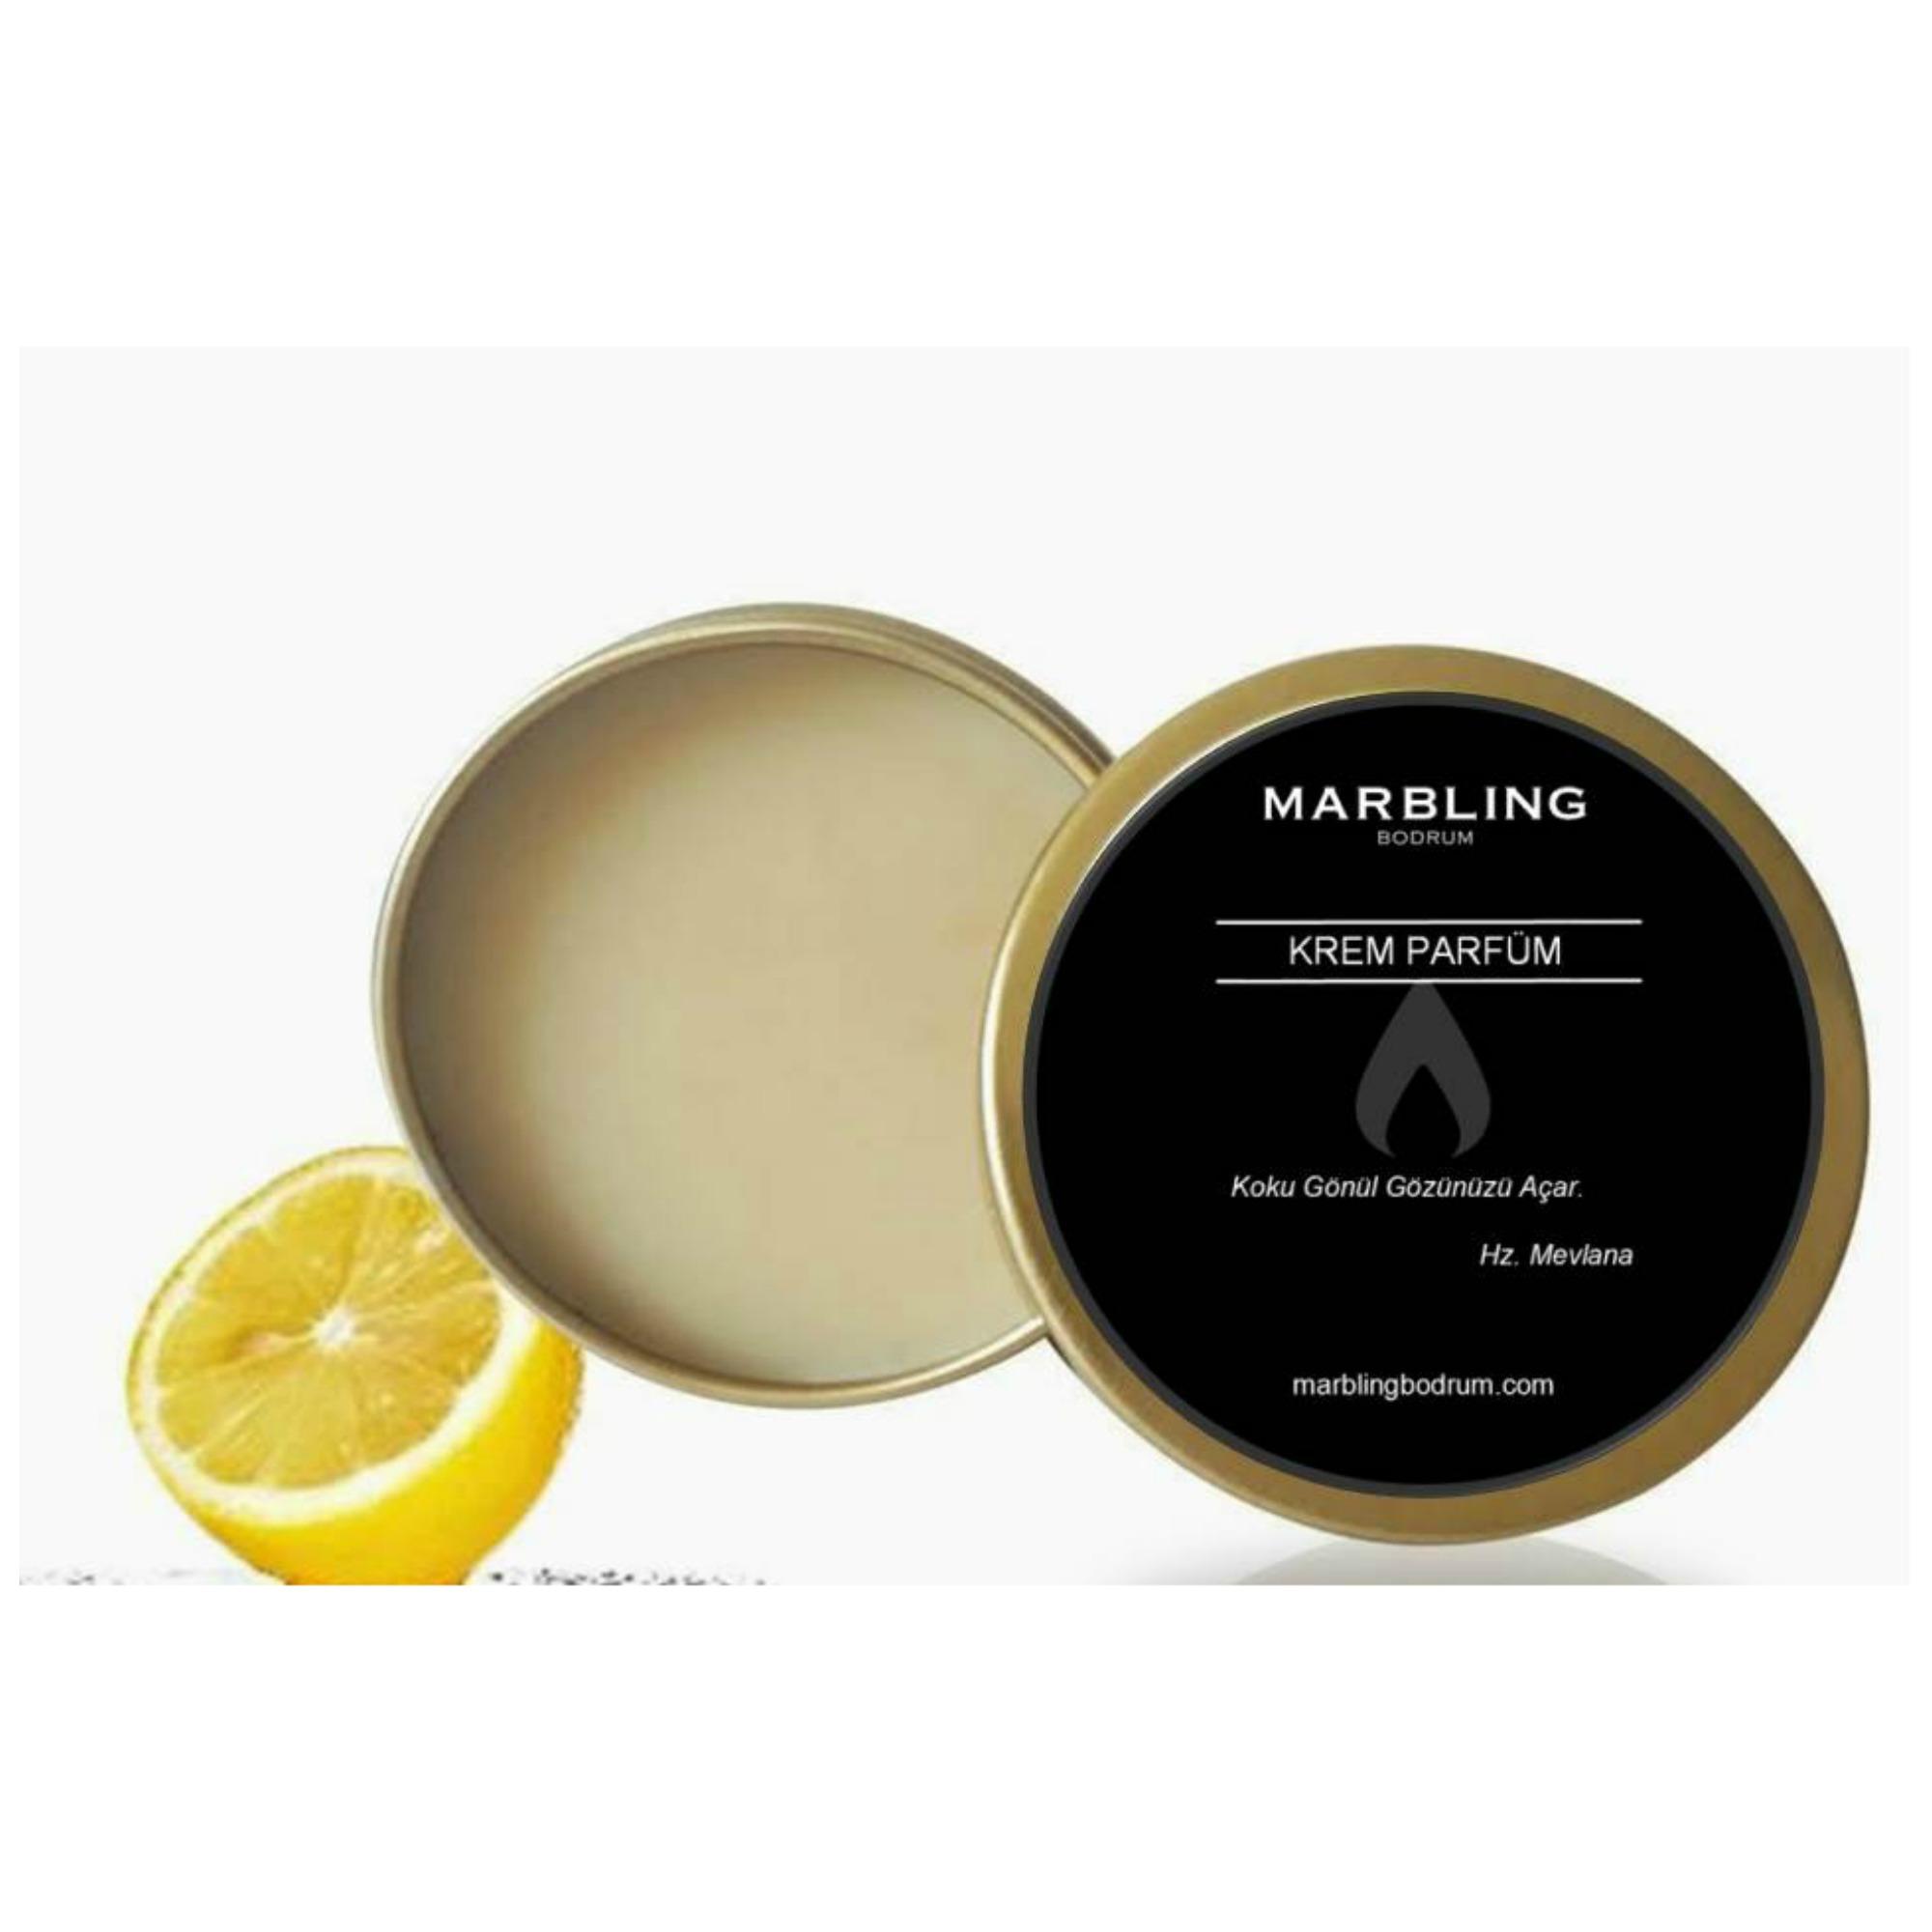 marbling krem parfum